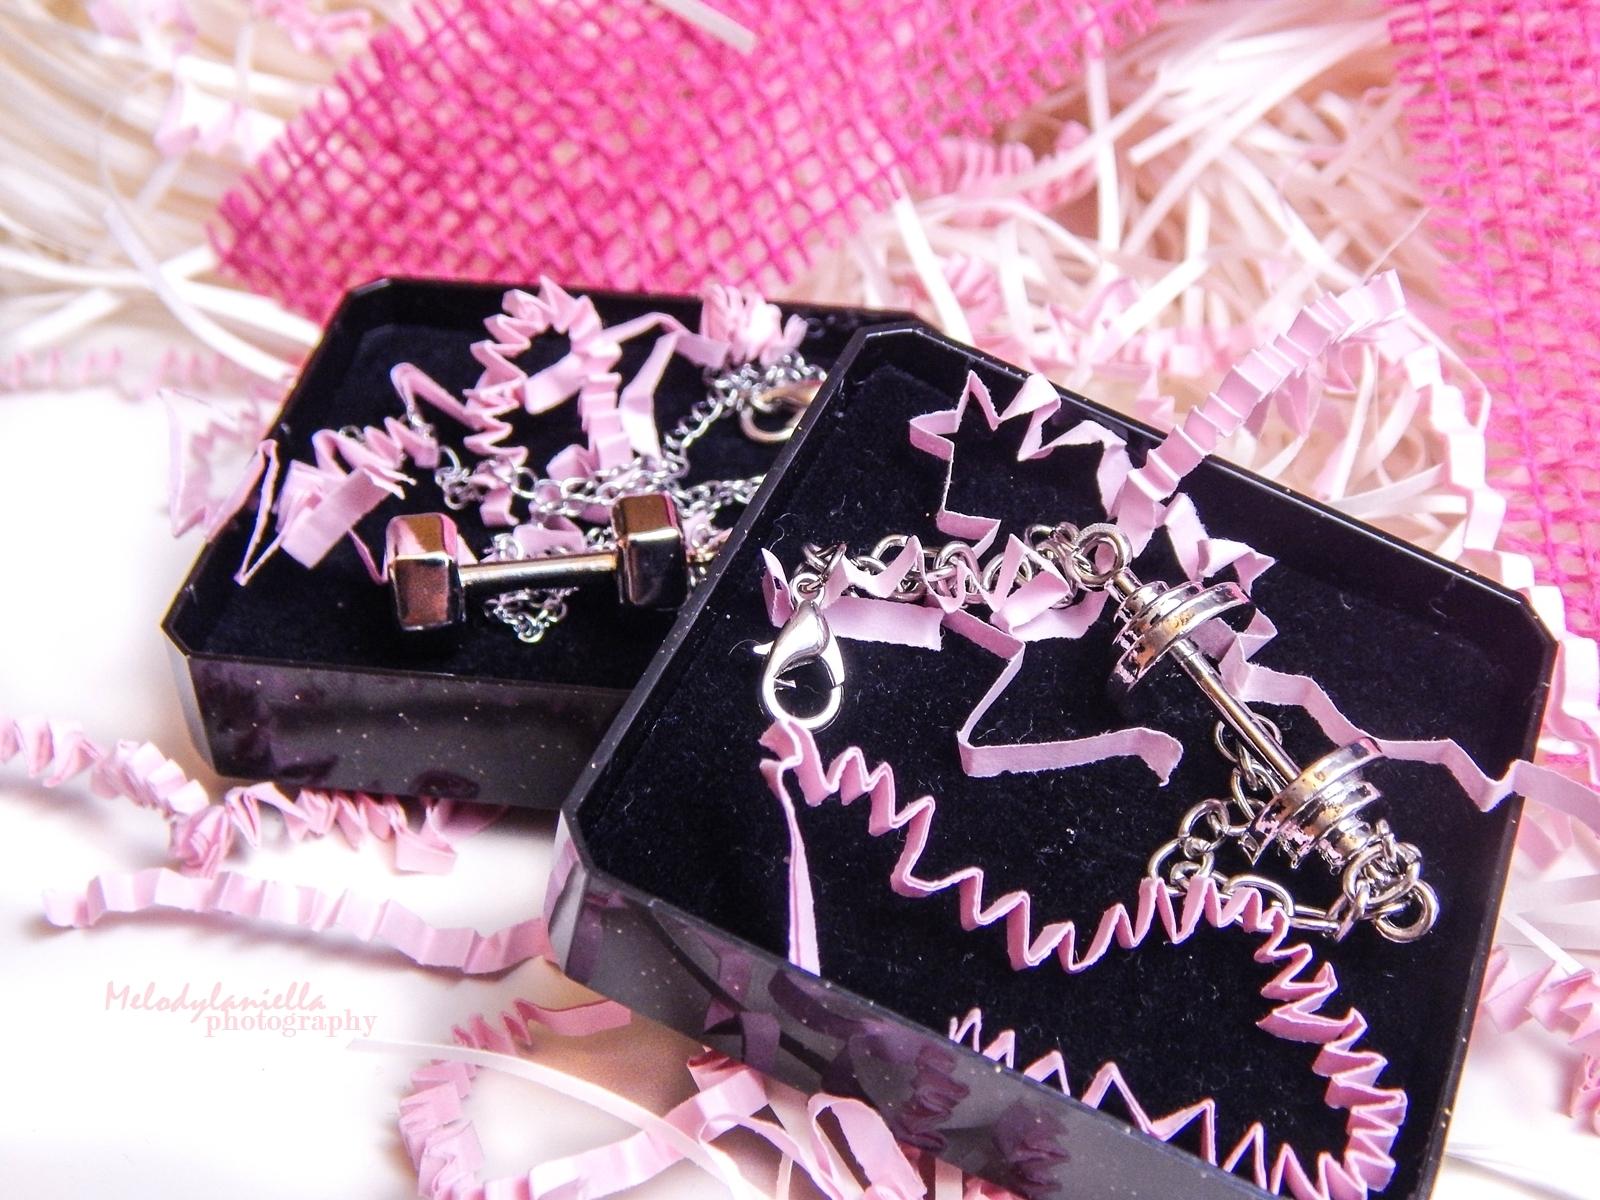 power jewellery dodatki dla sportowych kobiet dziewczyn aktywnych sport moda styl srebrne ciężarki hantle sztanga